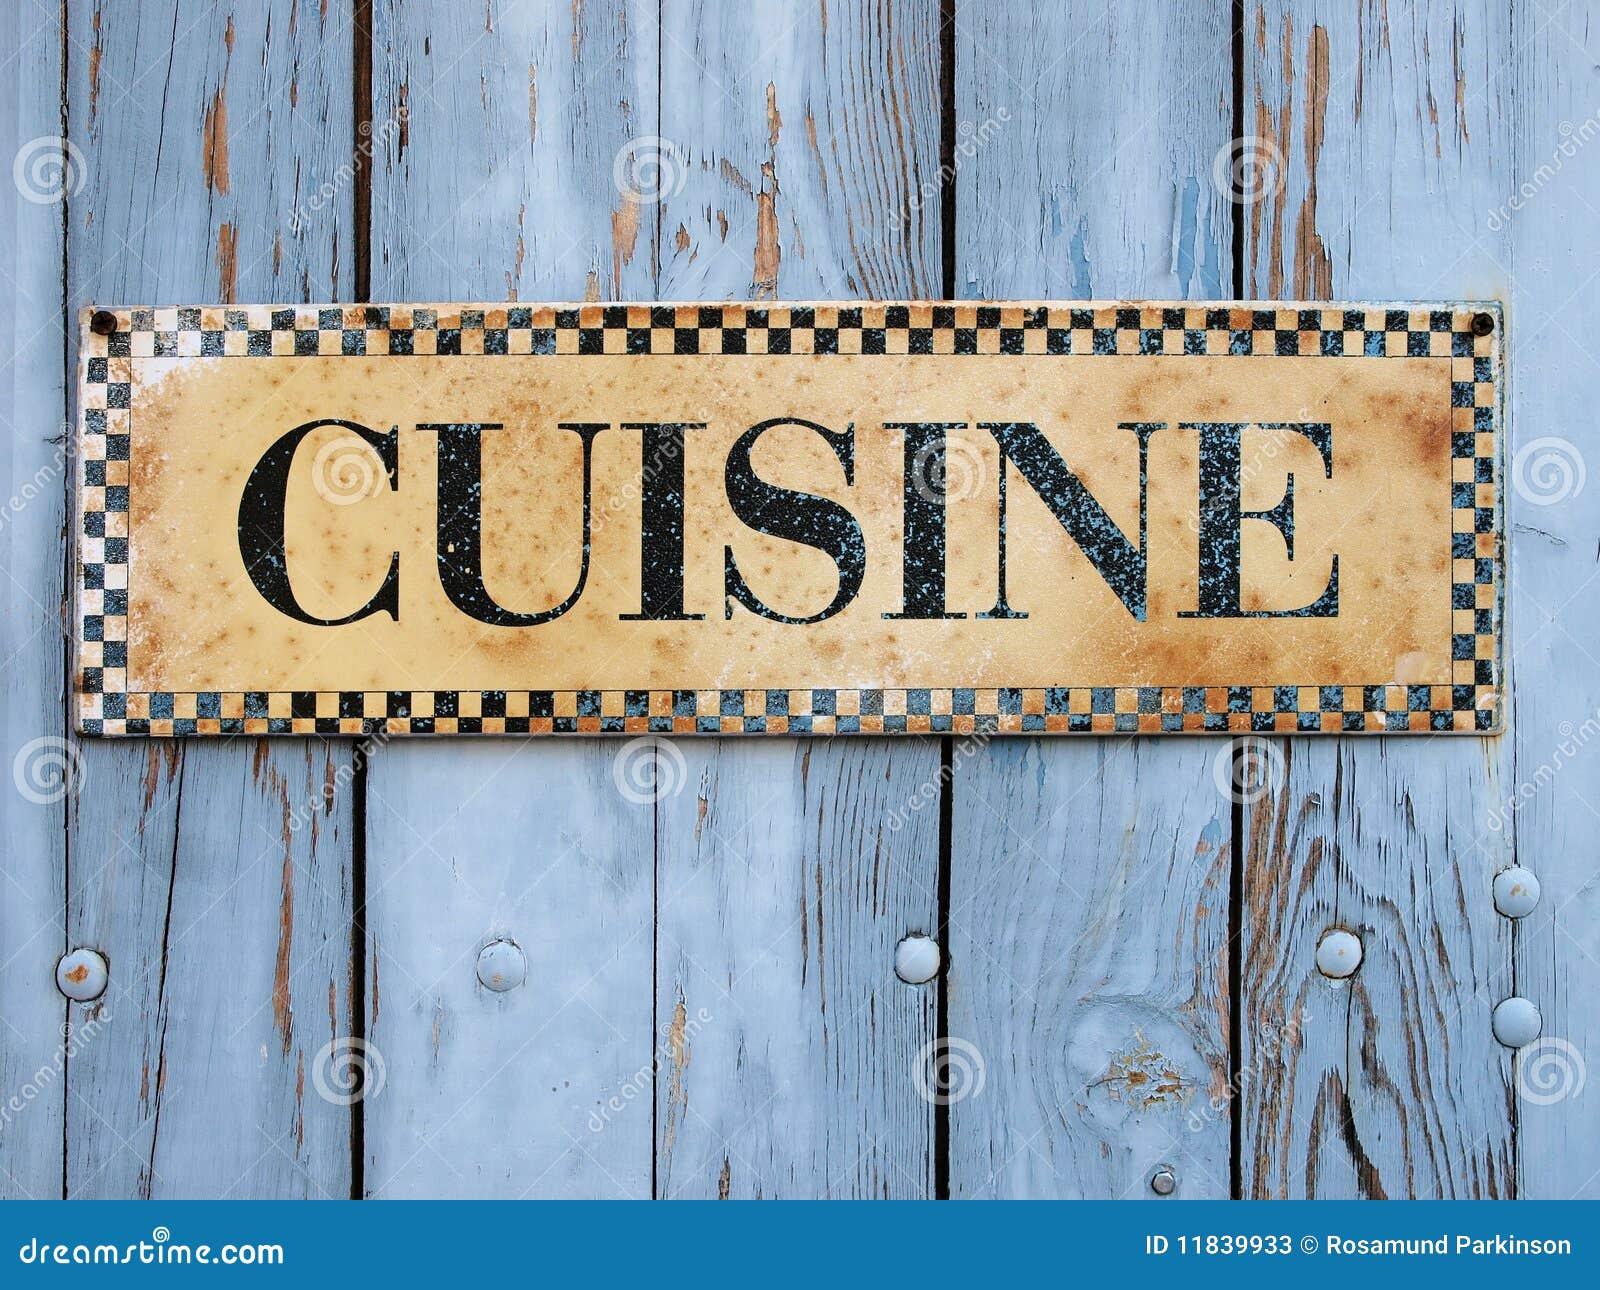 Cuisine sign stock photos image 11839933 - Cuisines design industries ...